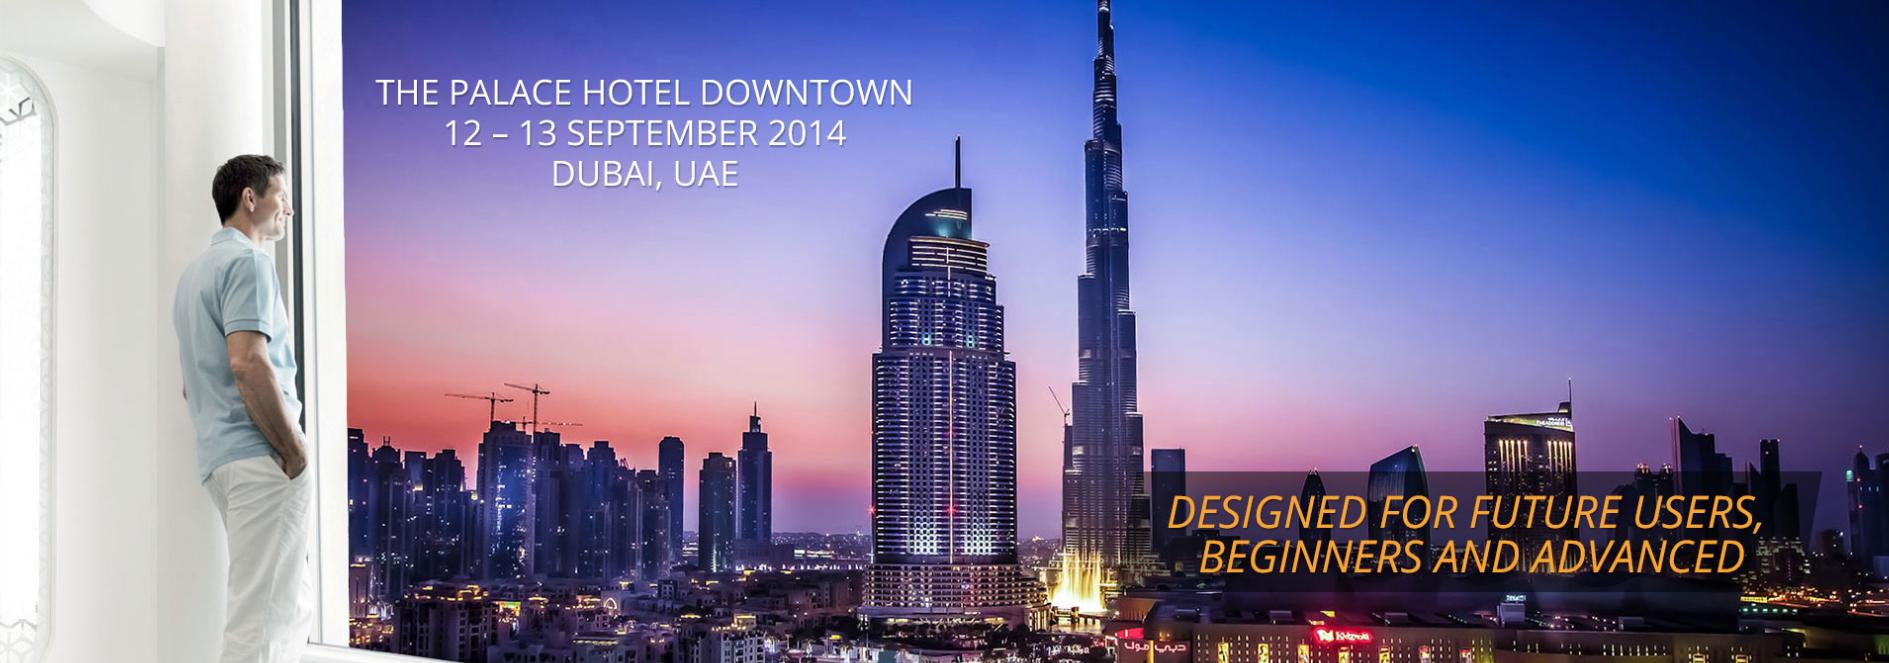 CEREC Desert Fest Downtown Dubai